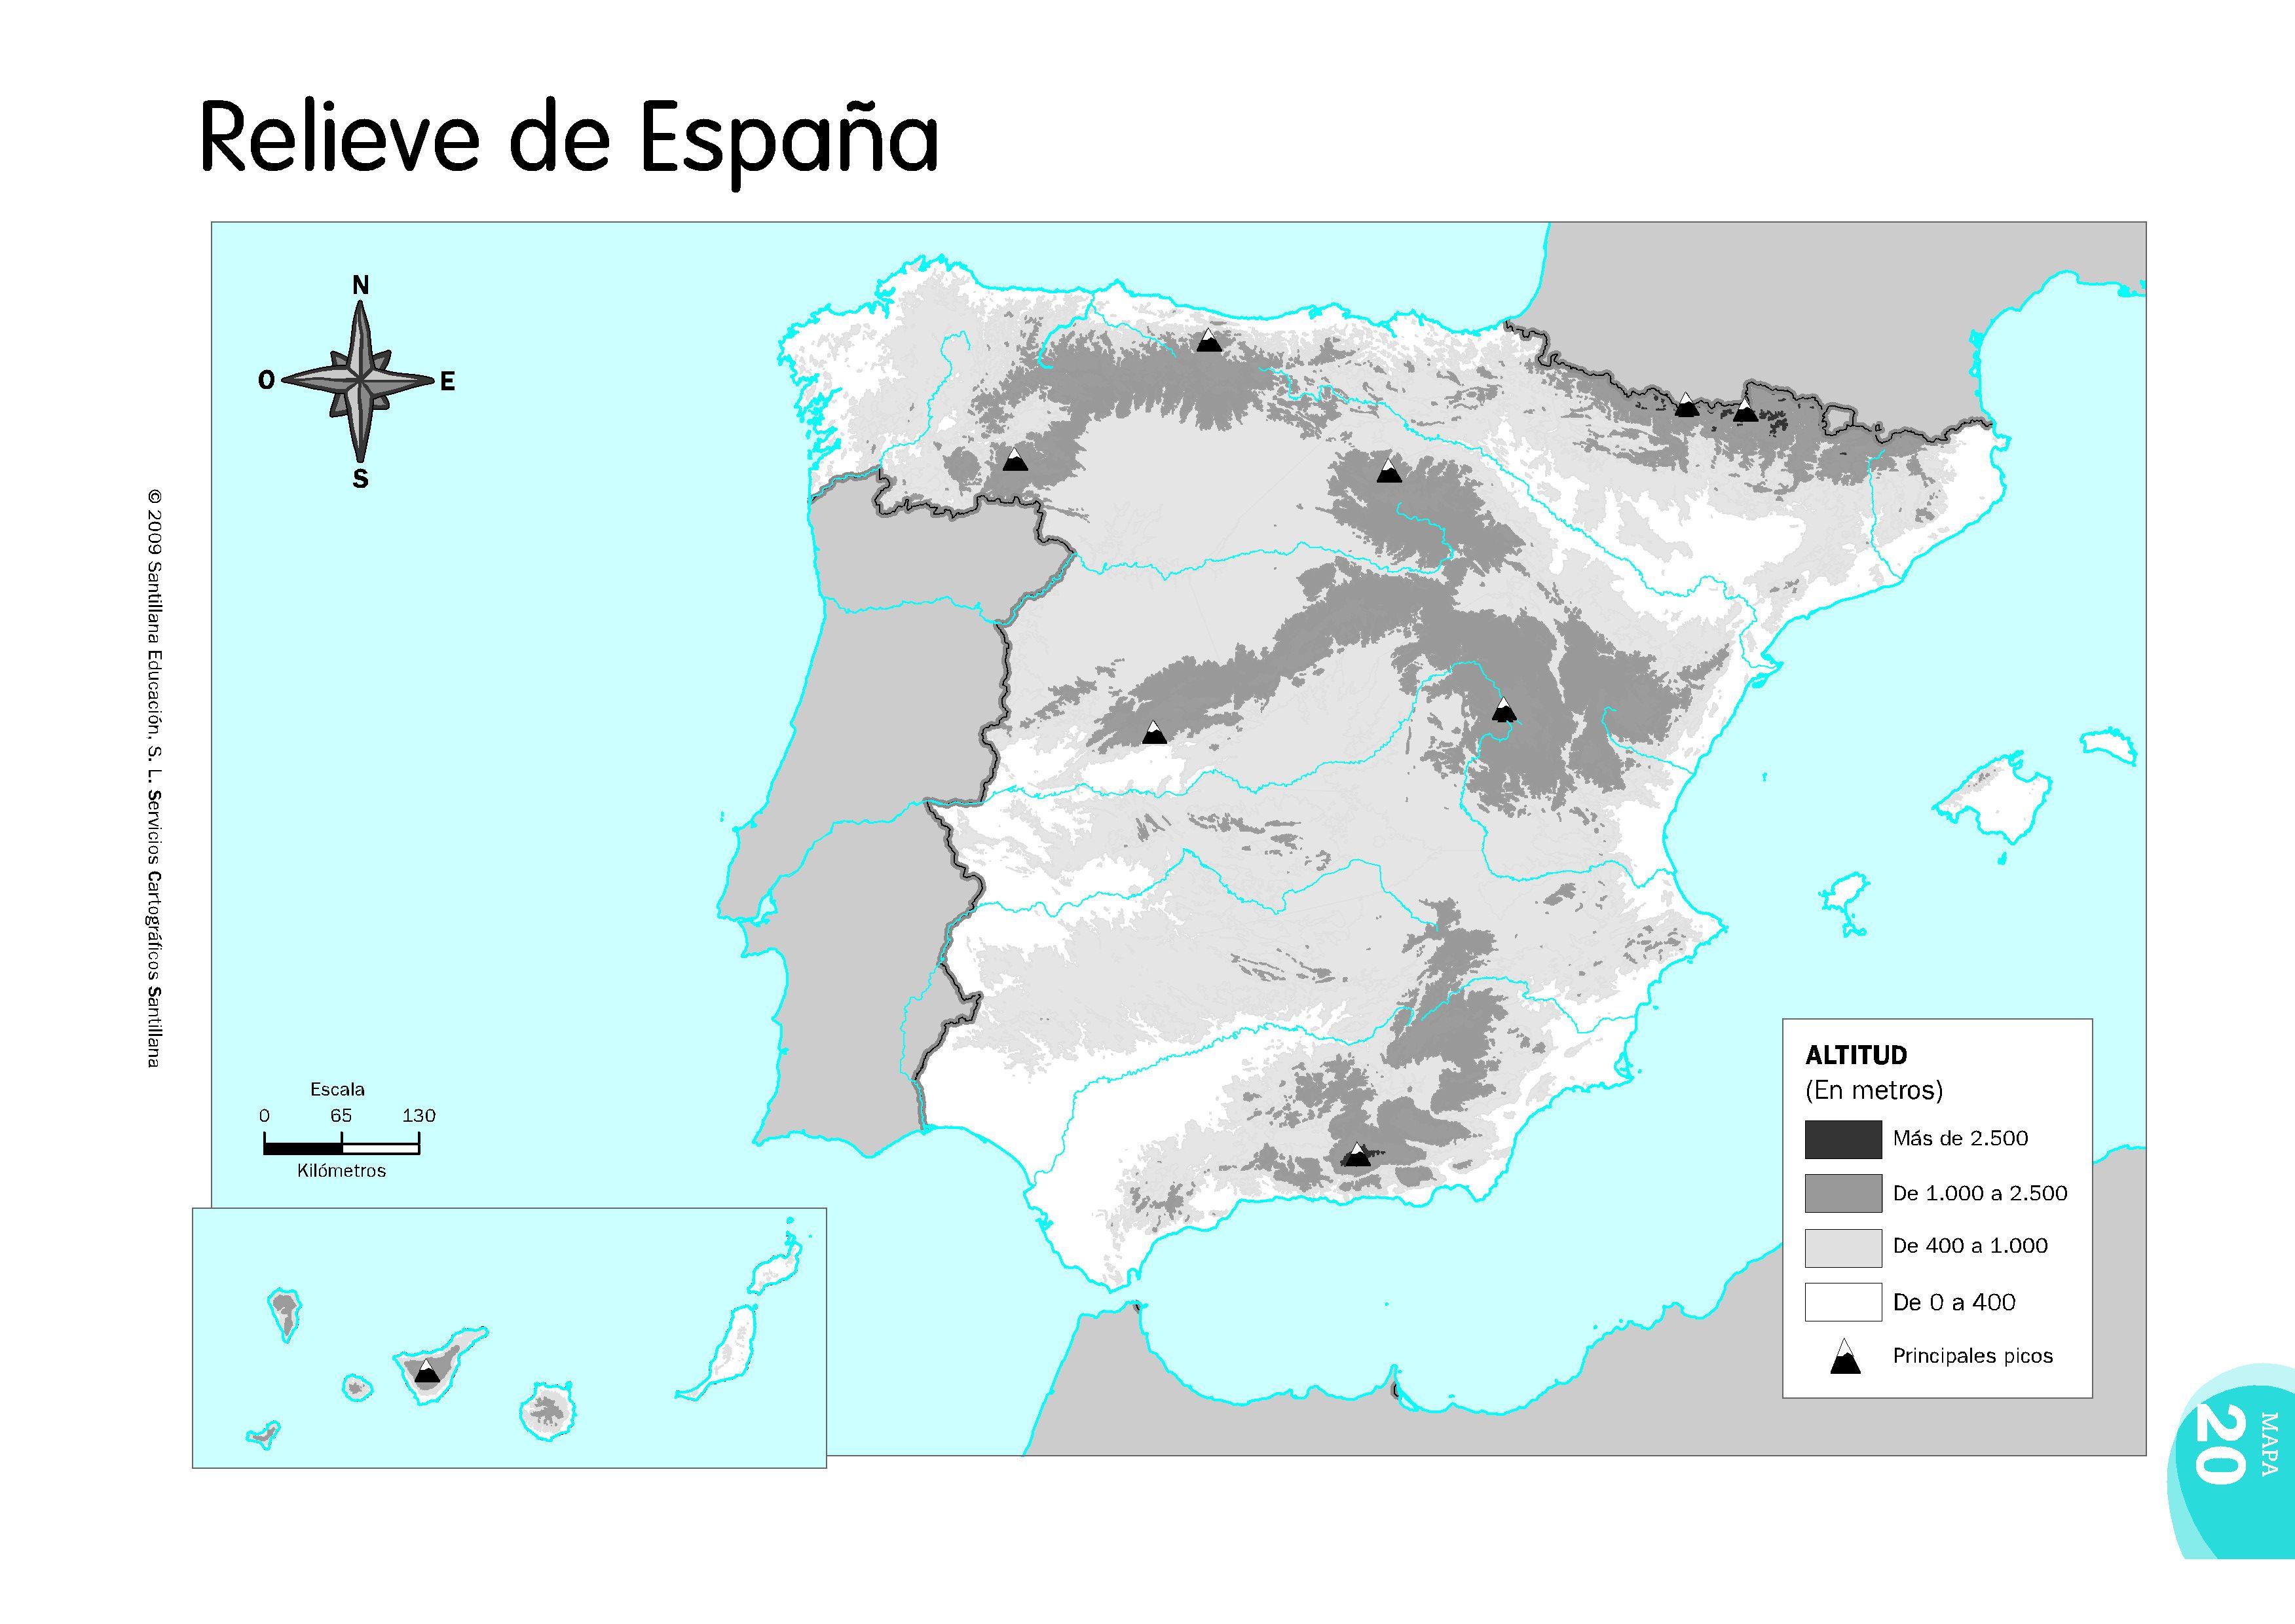 Mapa Relieve De España.Mapas Relieve Espana Mapa Fisico De Espana Y Mapa De Espana